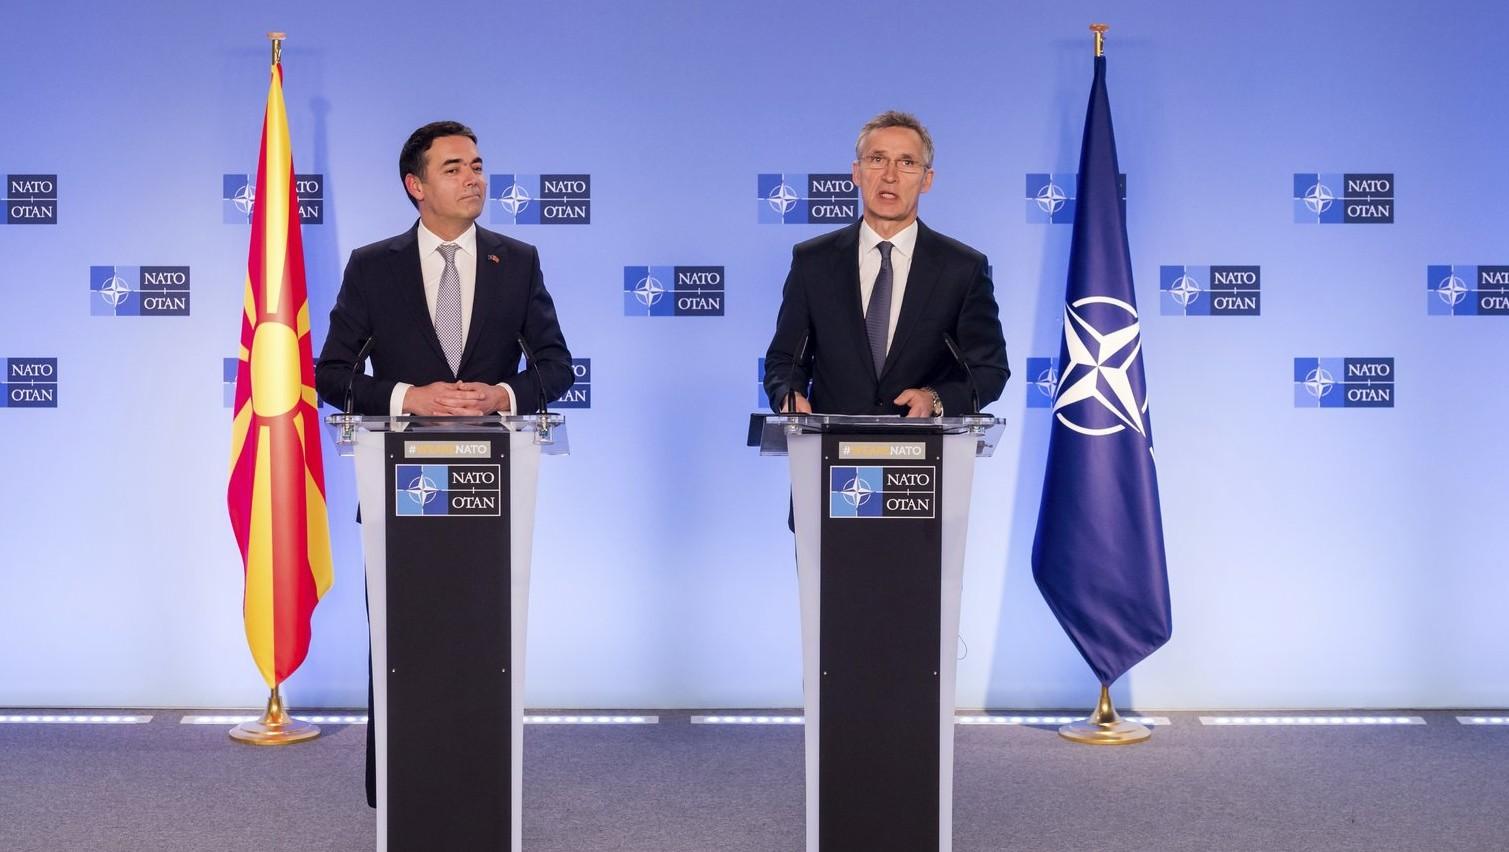 Nikola Dimitrov macedón külügyminiszter (b) és Jens Stoltenberg NATO-főtitkár sajtótájékoztatót tart, miután Észak-Macedónia aláírta a NATO-csatlakozásról szóló jegyzőkönyvet a katonai szövetség tagállamainak brüsszeli ülésén 2019. február 6-án. Az aktus lehetővé teszi, hogy a balkáni ország az Észak-atlanti Szerződés Szervezetének 30. tagjává váljon. MTI/AP/Geert Vanden Wijngaert